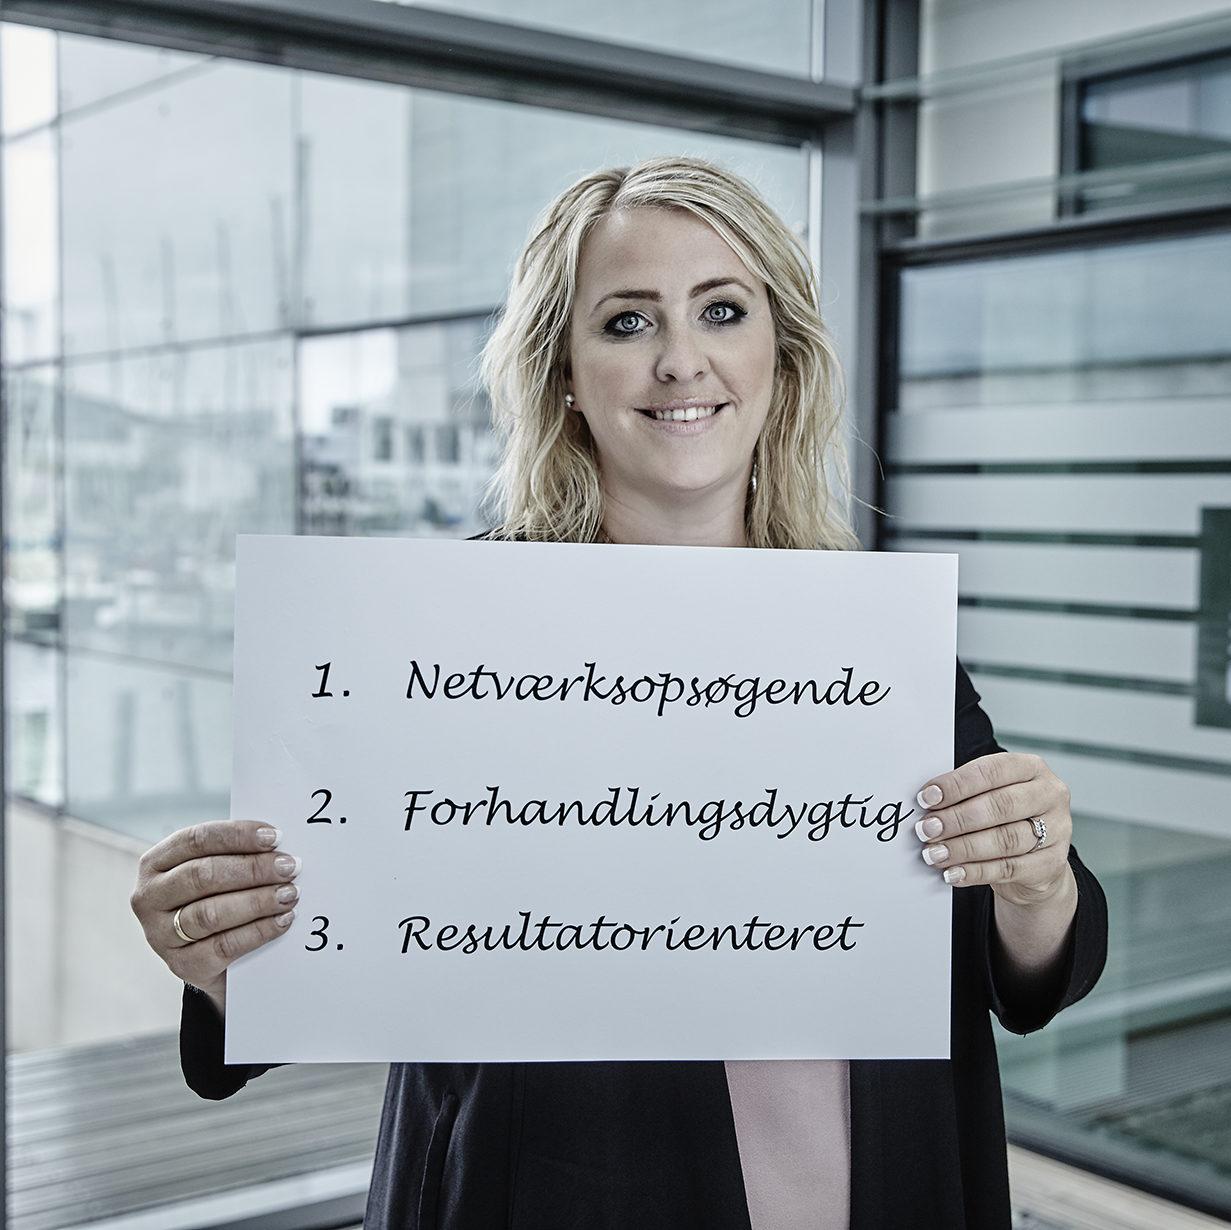 DE 3 BEDSTE RÅD TIL ANDRE KAMPAGNELEDERE